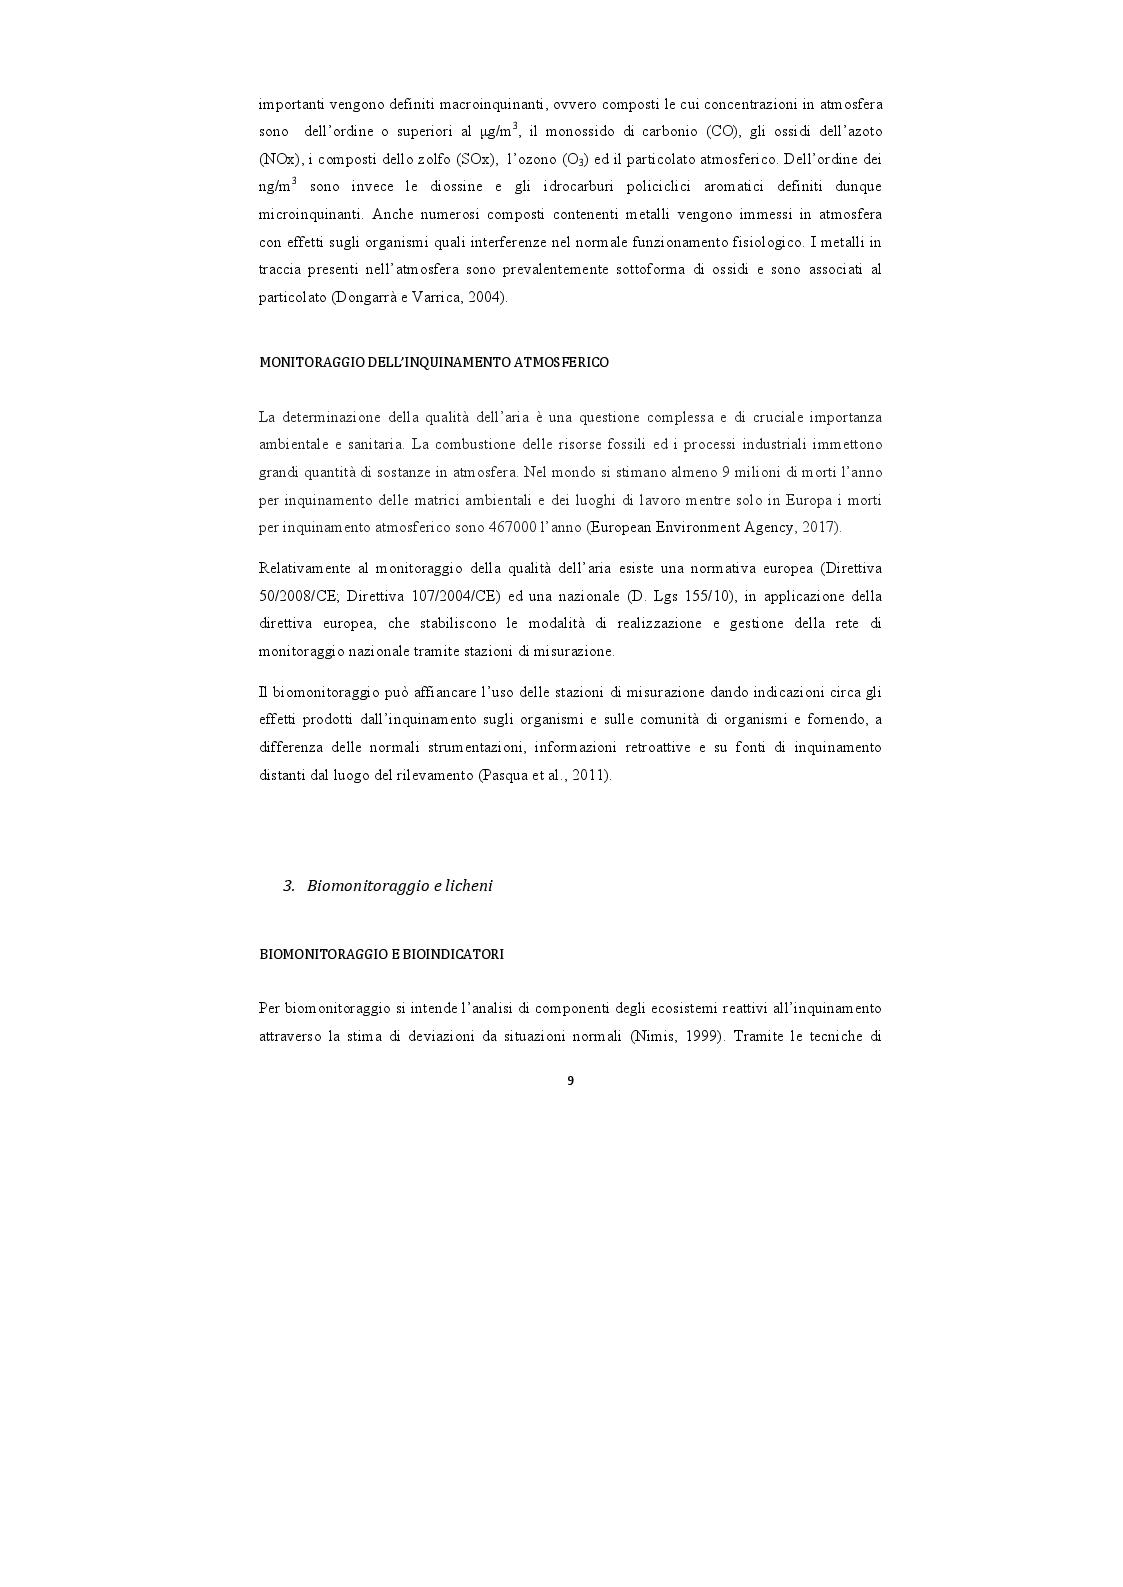 Anteprima della tesi: Analisi di campioni di licheni prelevati nel Parco Nazionale della Majella per la definizione di una baseline di elementi inorganici, Pagina 4